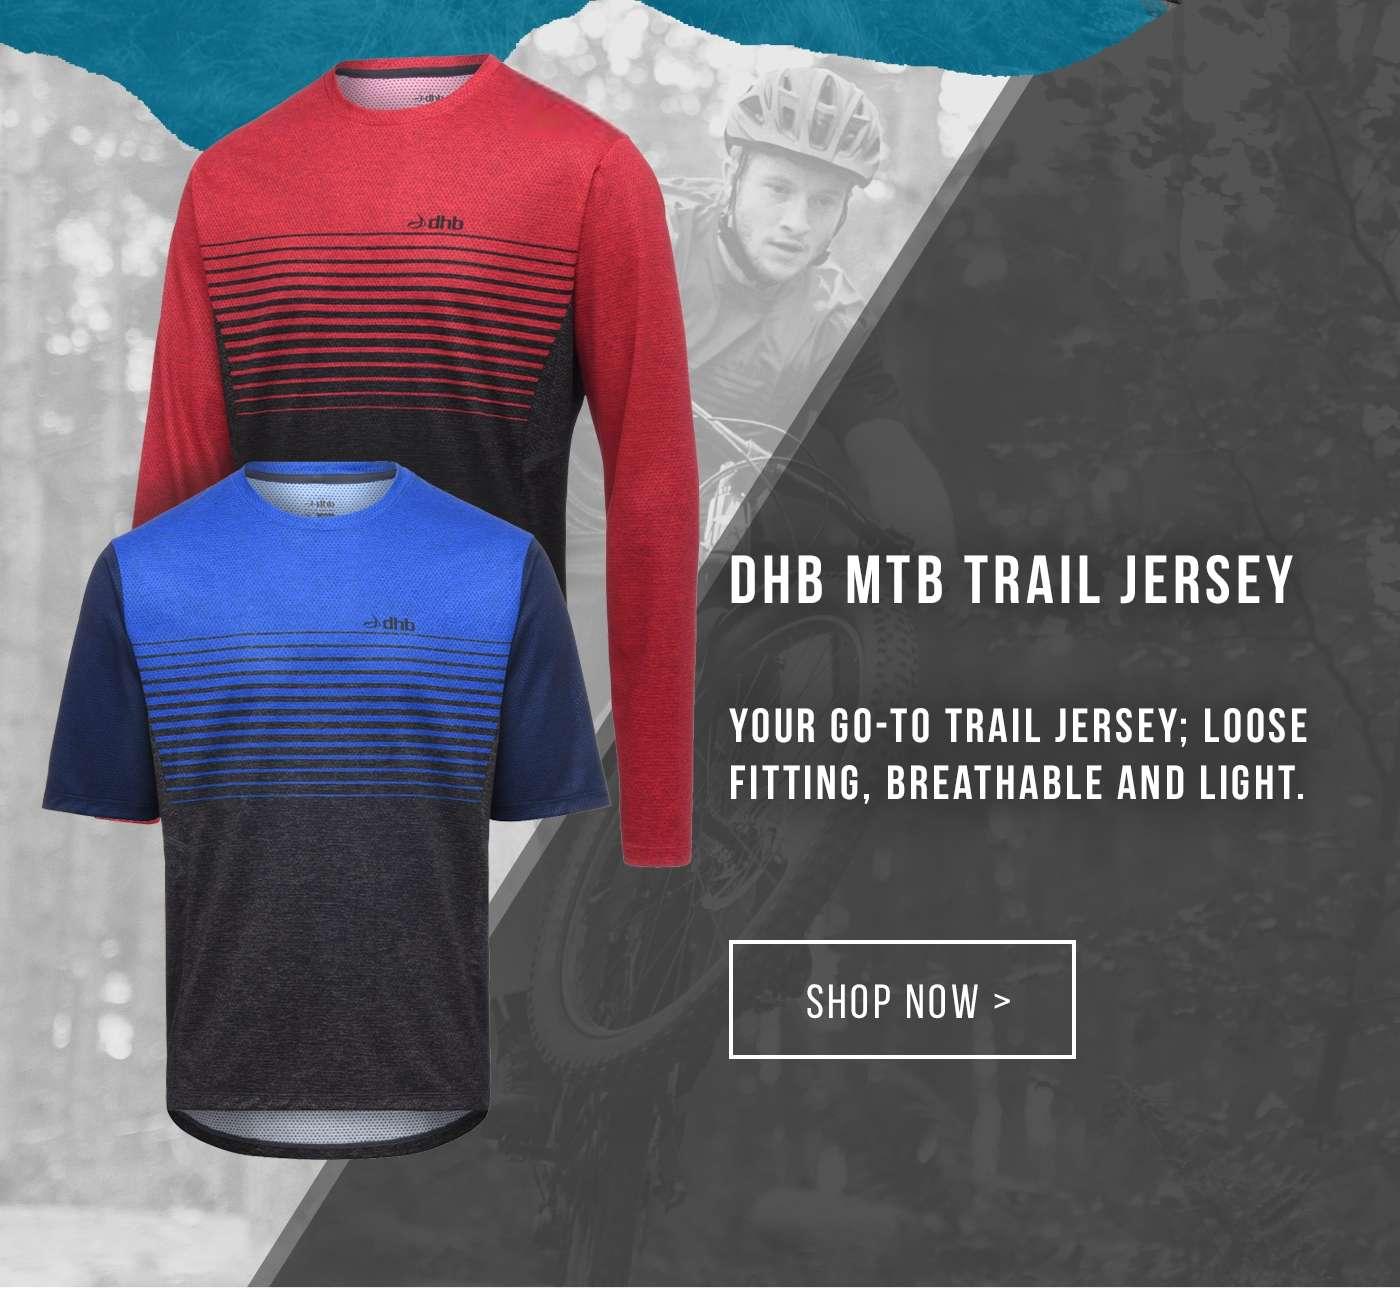 dhb MTB Trail Jersey